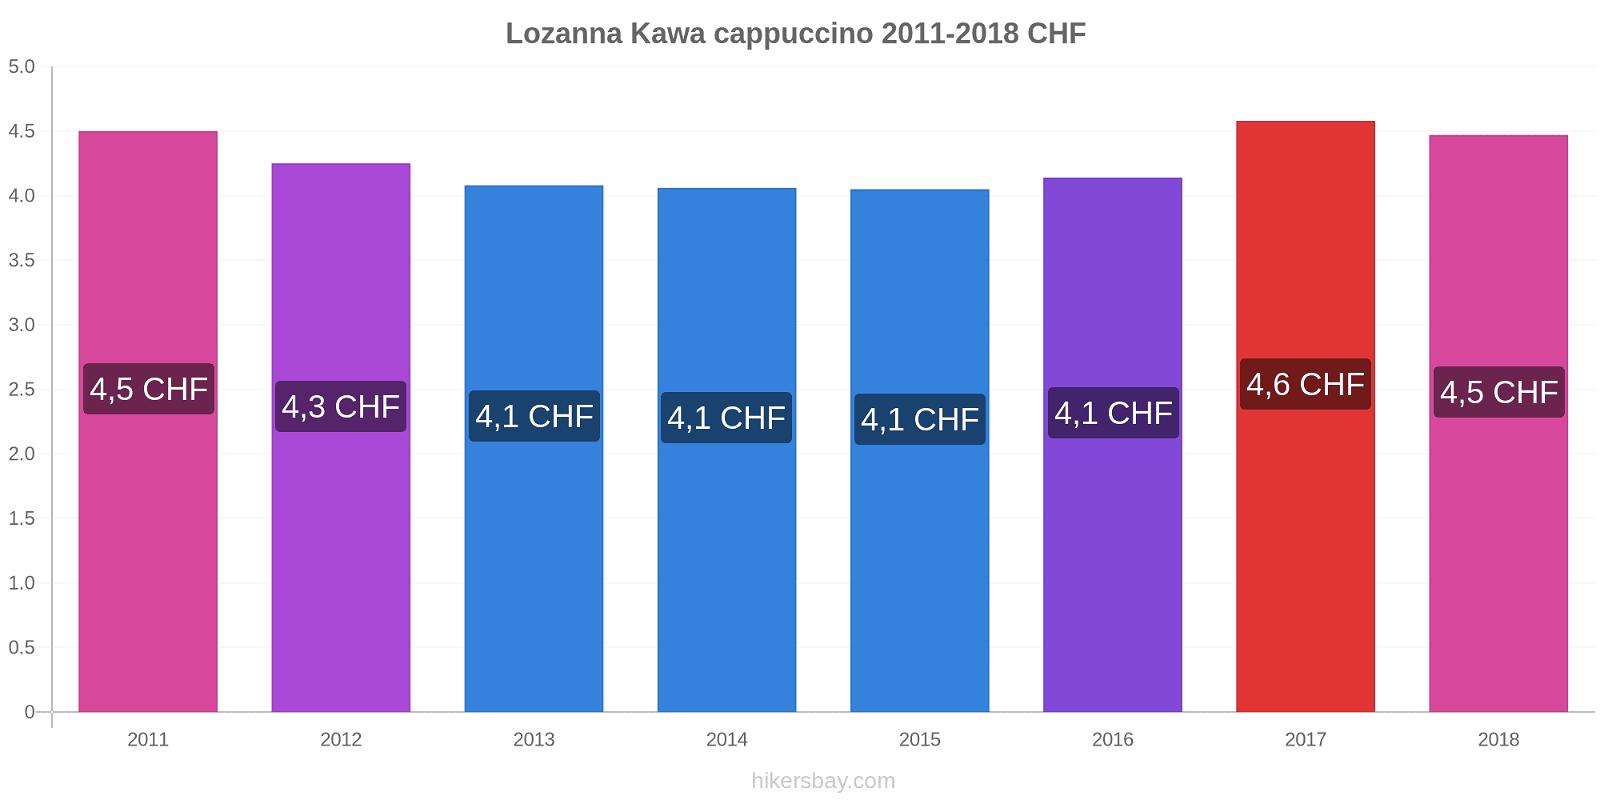 Lozanna zmiany cen Kawa cappuccino hikersbay.com